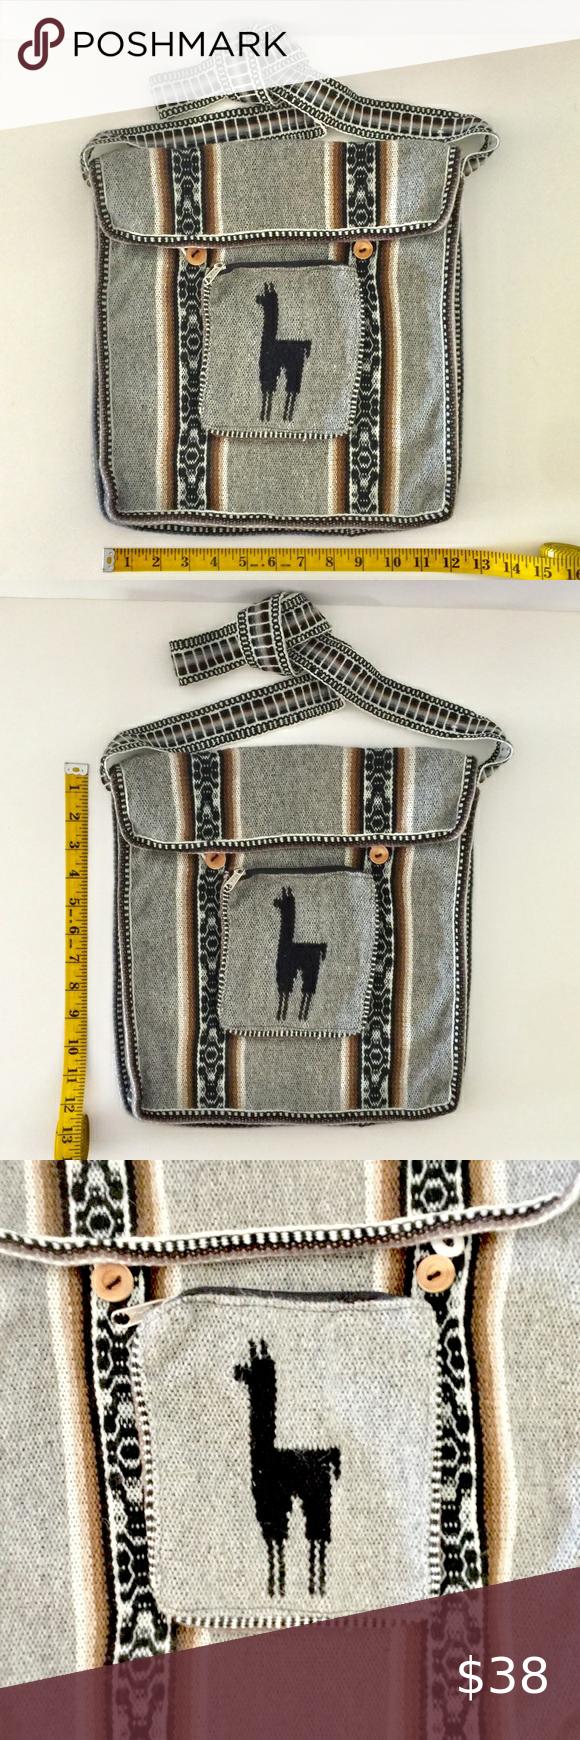 Peruvian Morral Crossbody Shoulder Bag Alpaca Wool In 2020 Shoulder Bag Crossbody Shoulder Bag Bags